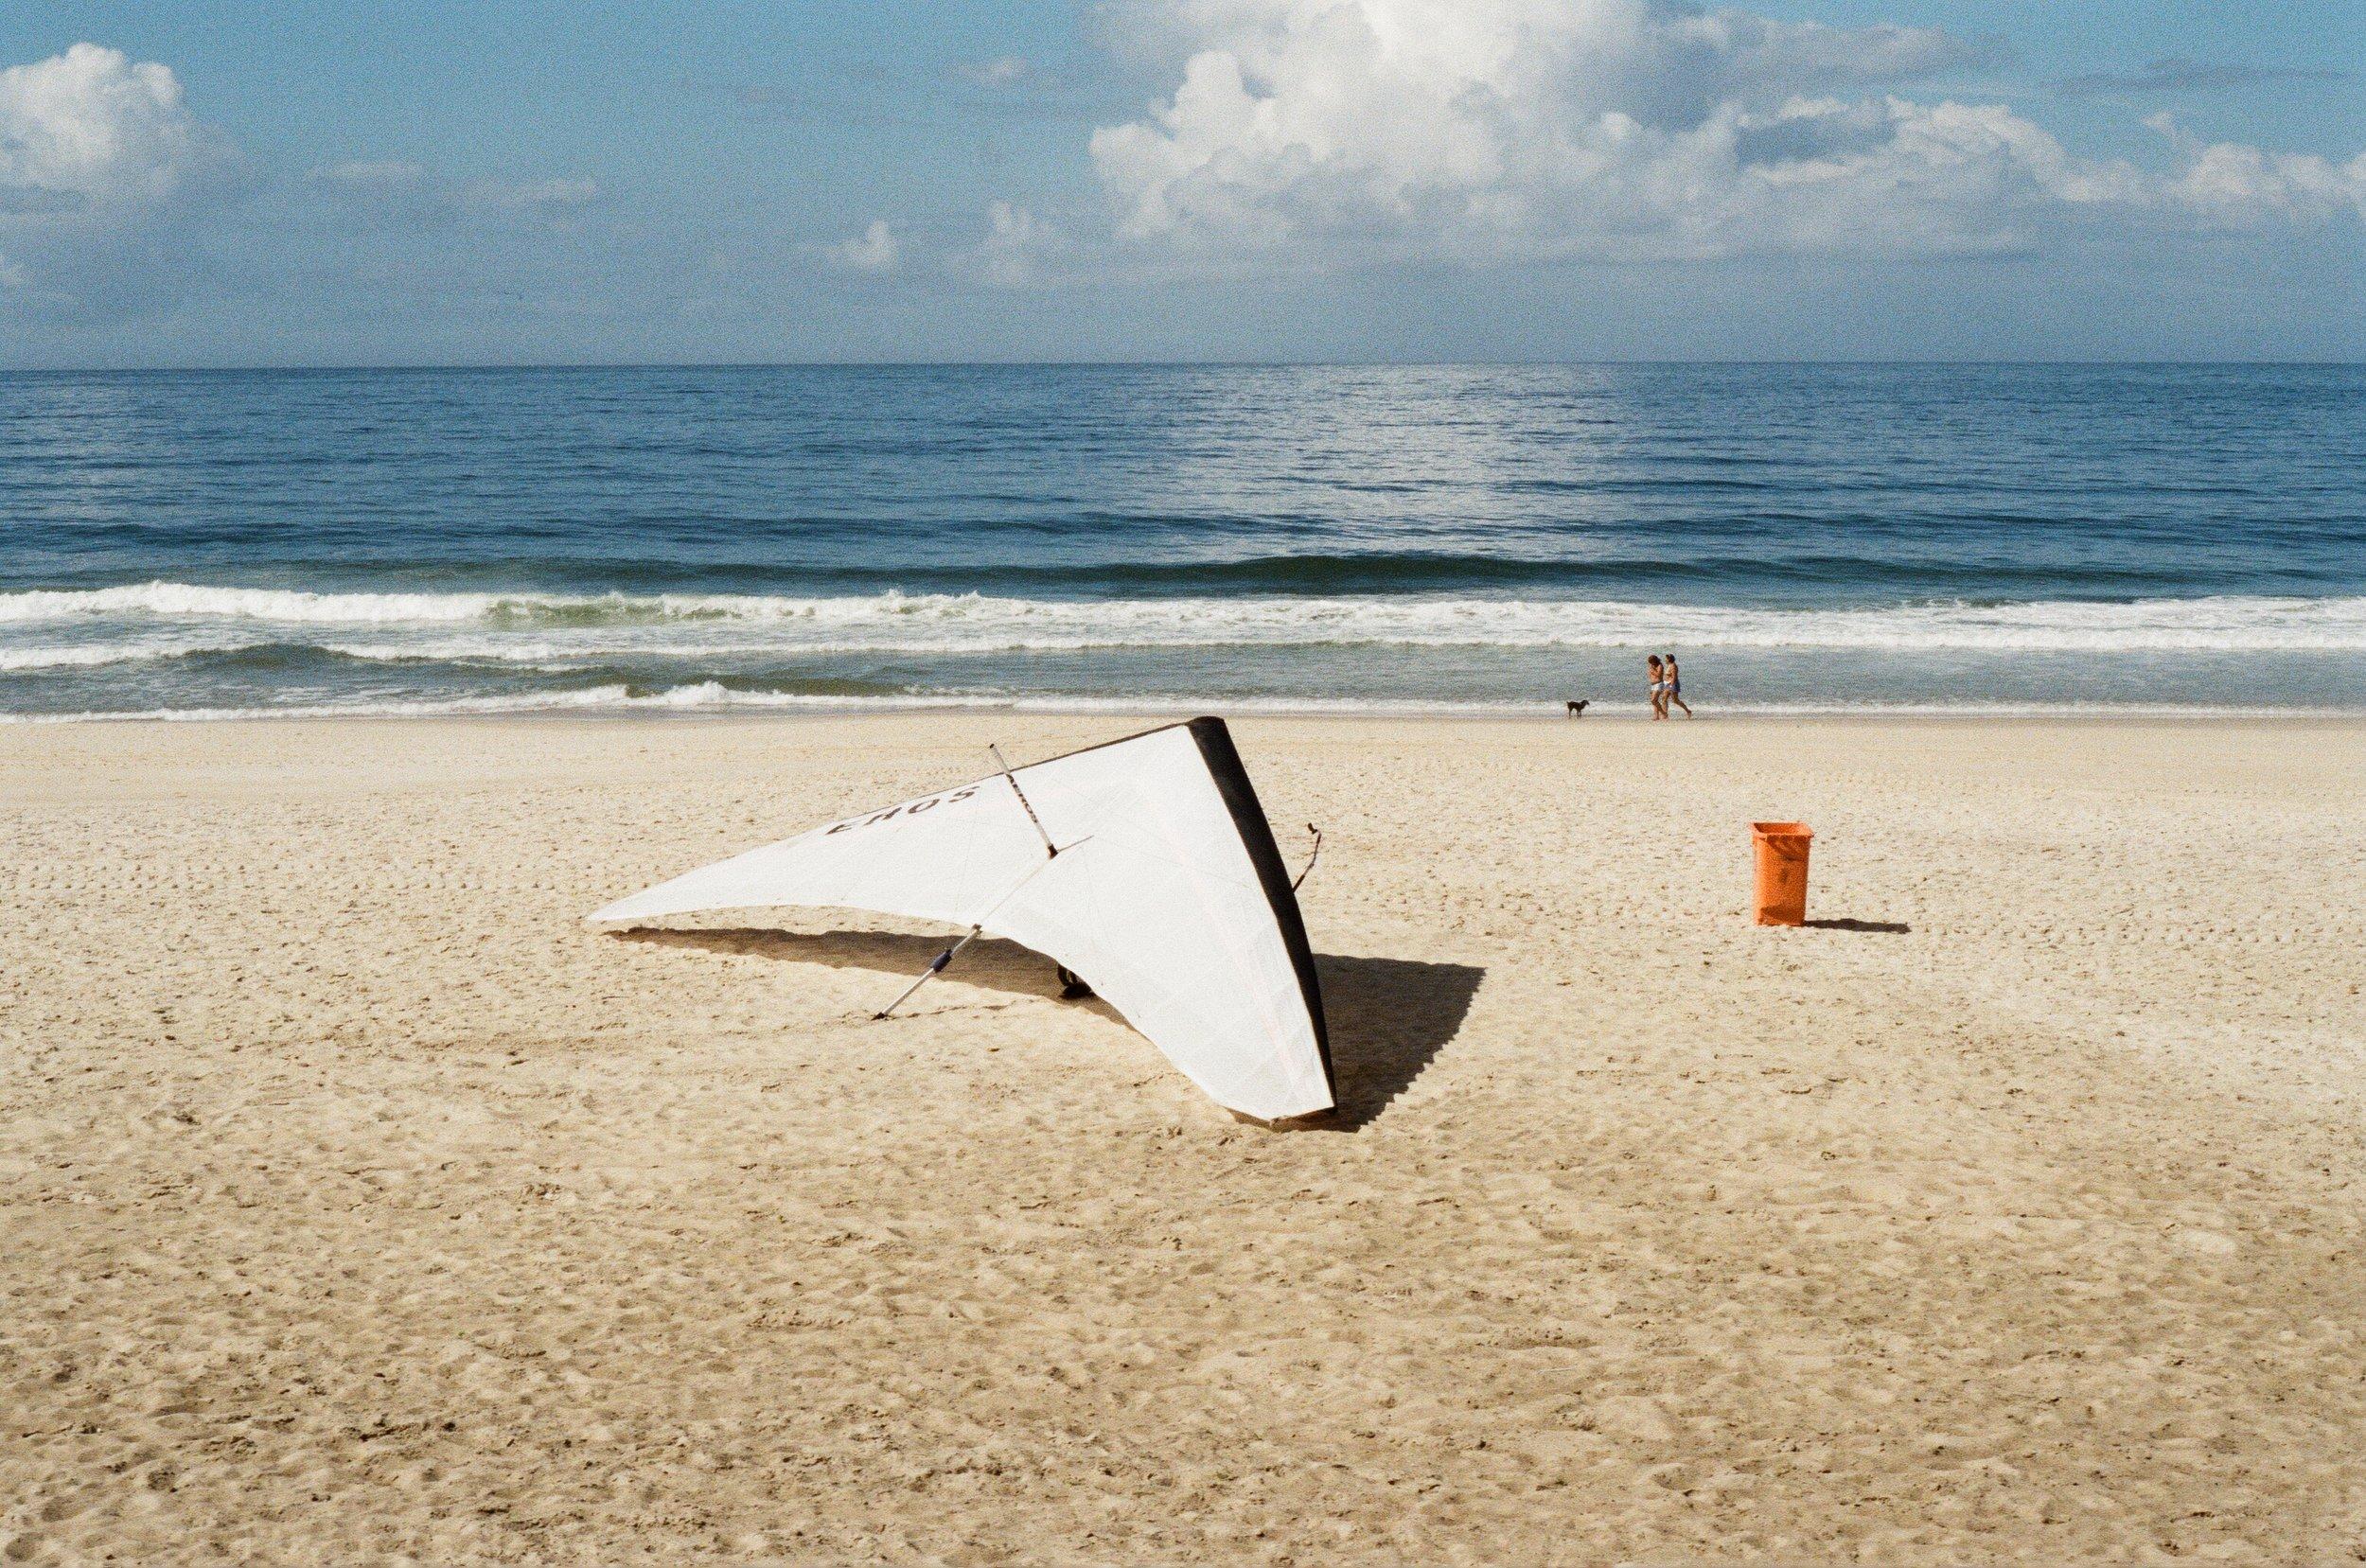 Beach hangglide.jpg